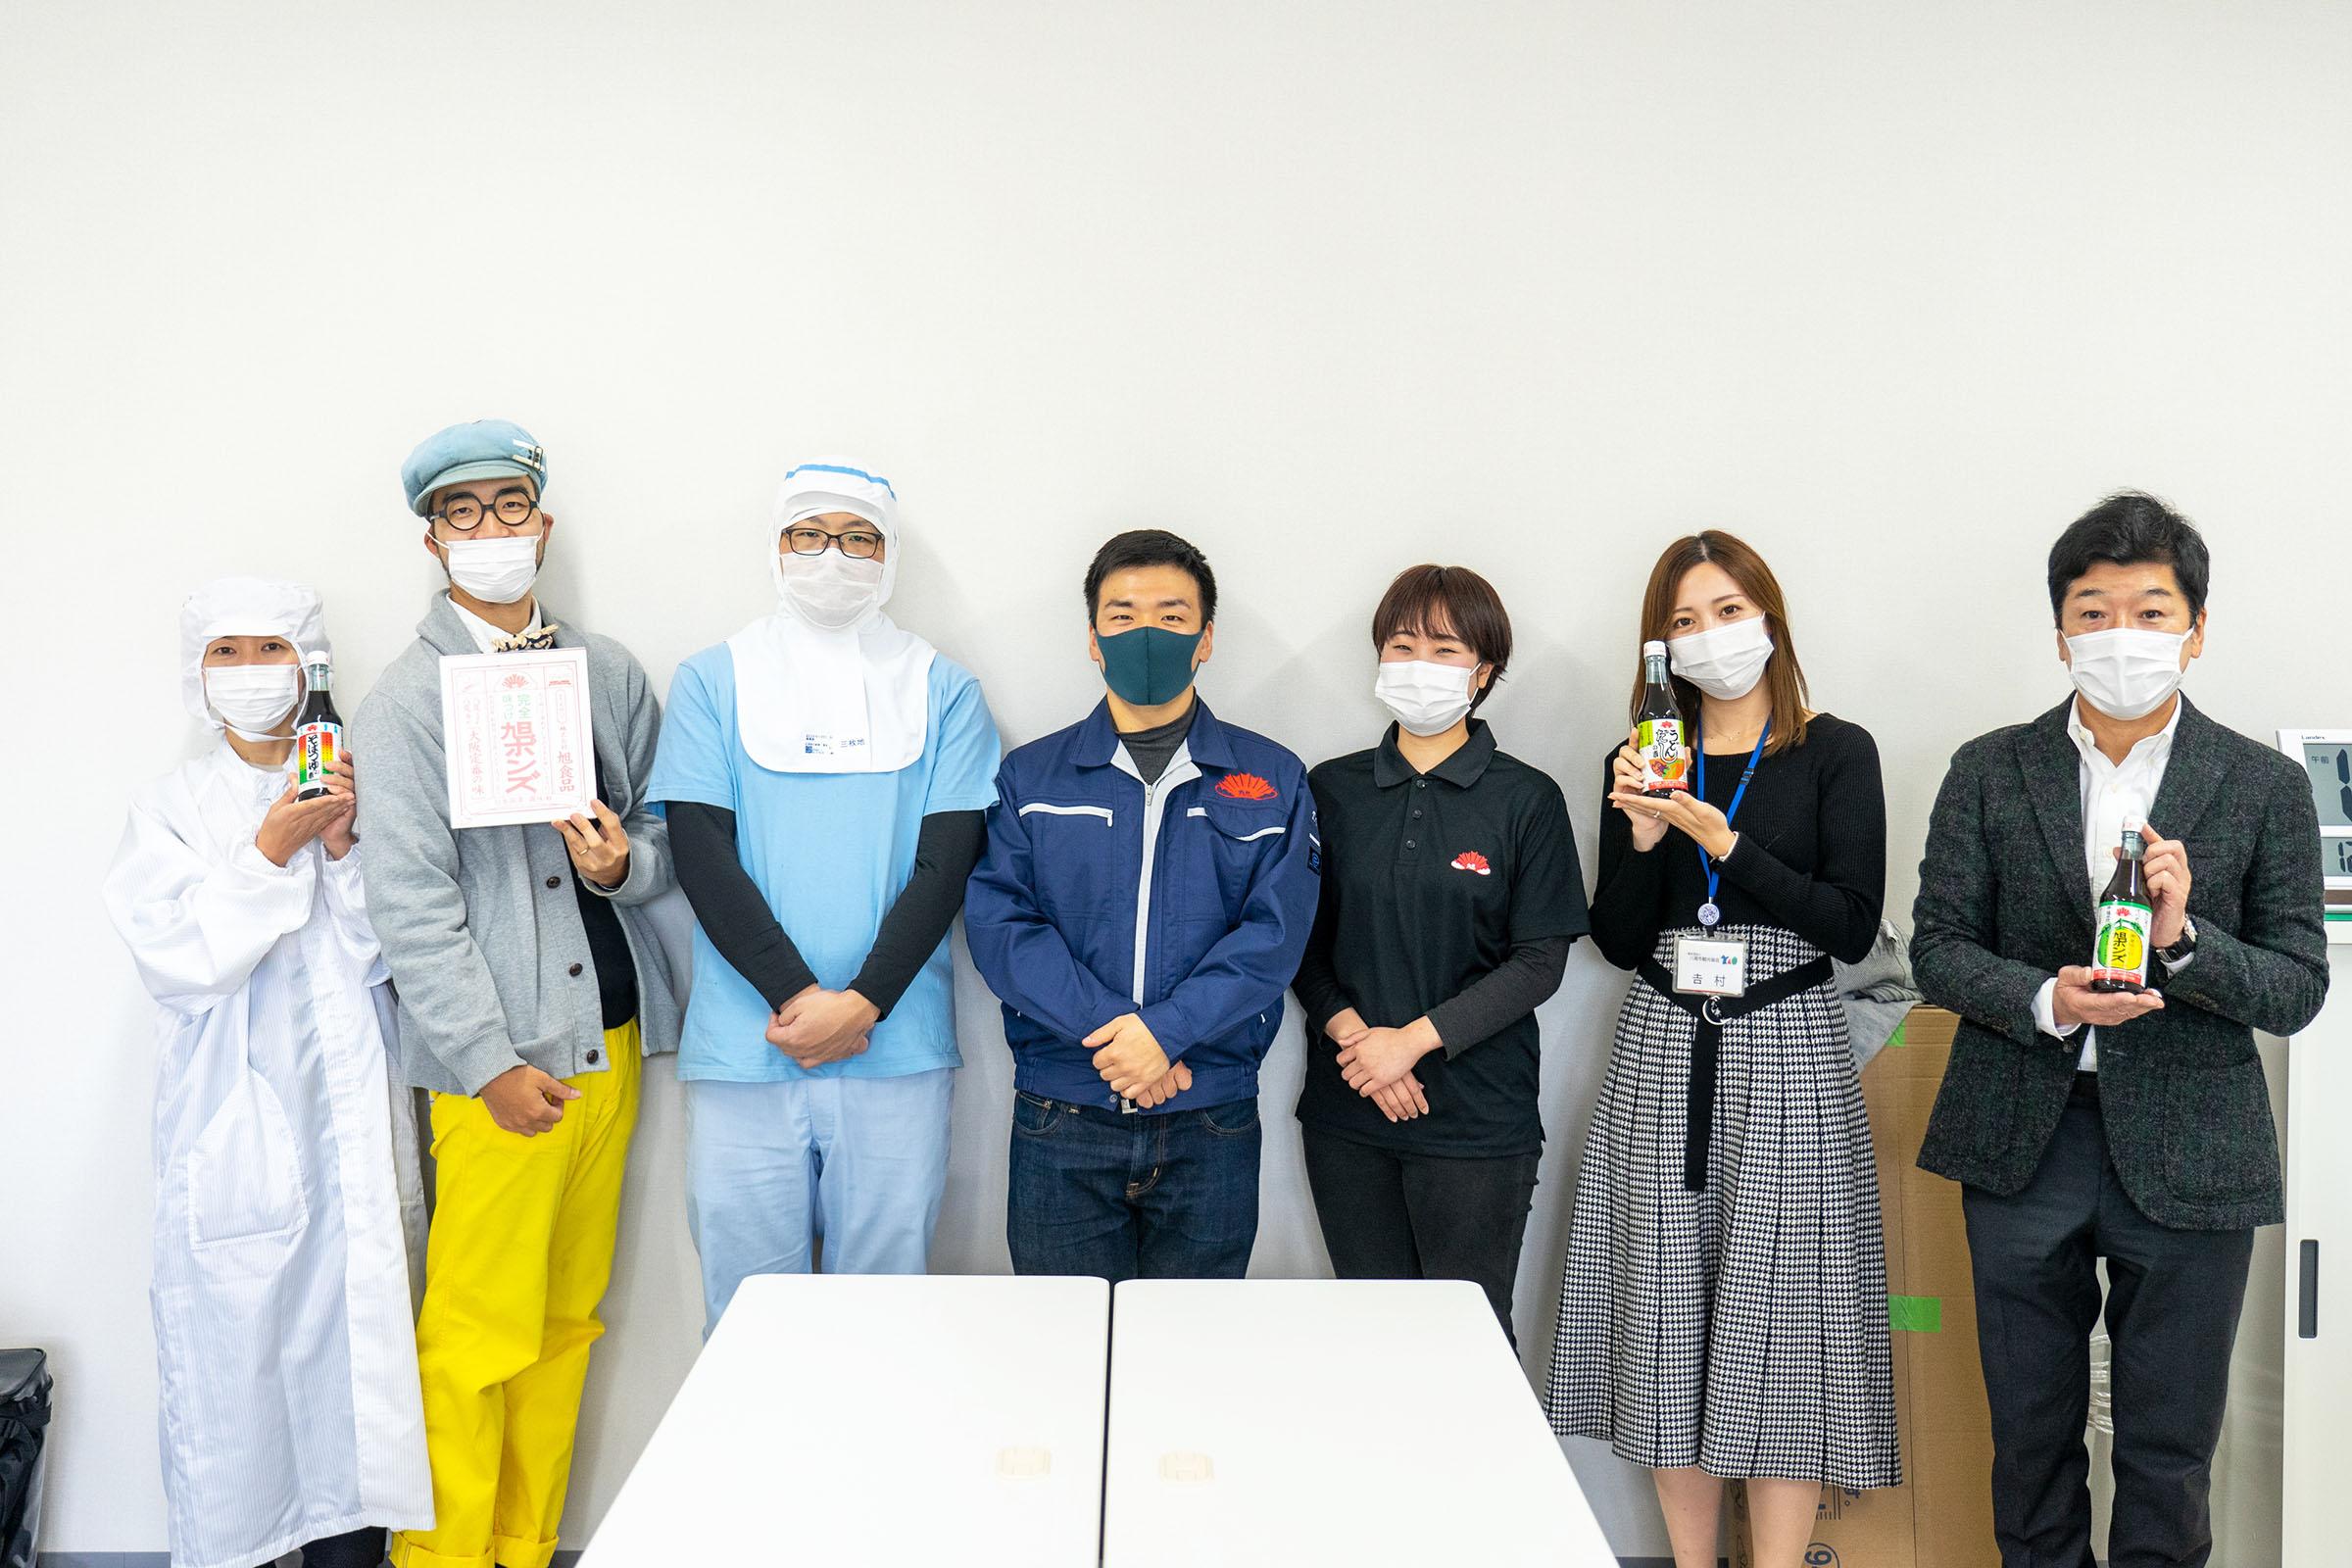 新Yaomania(シン・ヤオマニア)冬号|2020.11.30 近鉄電車特集(大阪府八尾市)